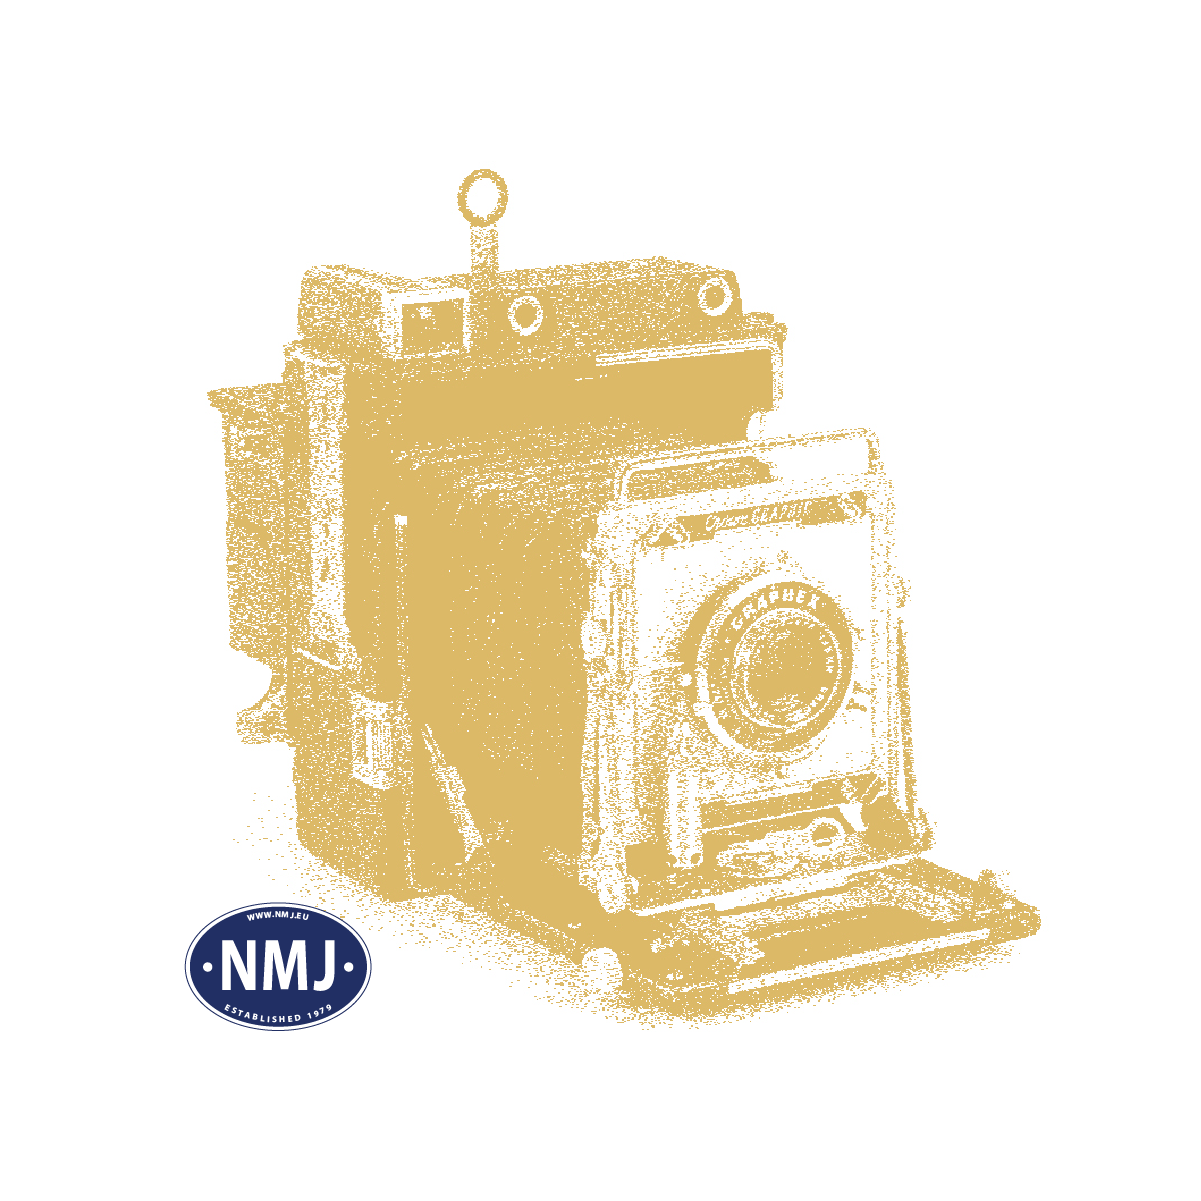 NMJT202.001 - NMJ Topline SJ ABo2 4854, 1/2 kl. Personvogn, rund SJ logo